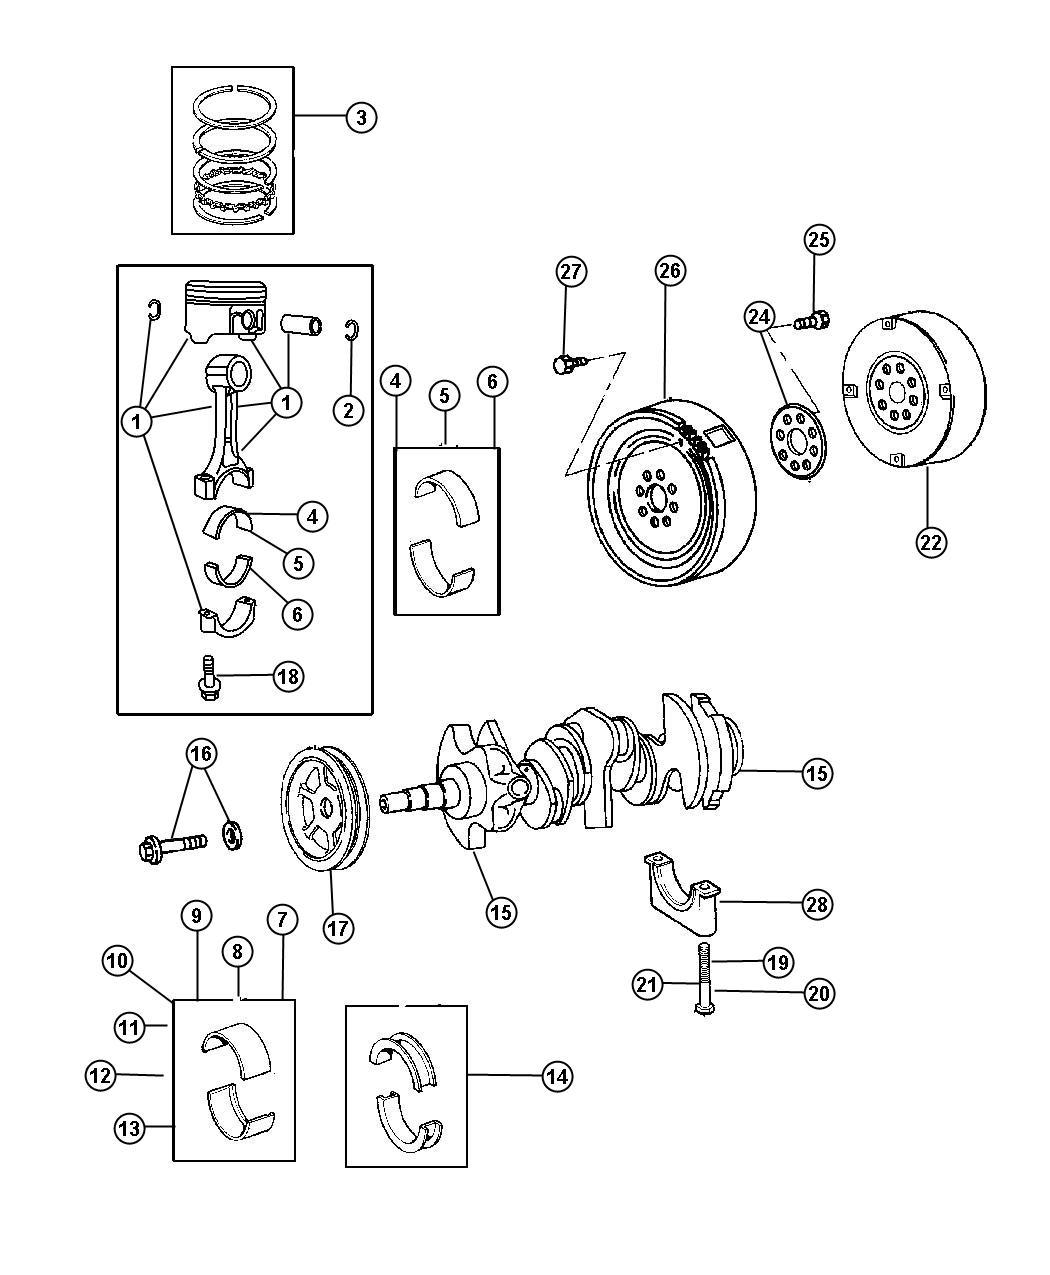 Dodge Viper Brg Pkg Connecting Rod Engine